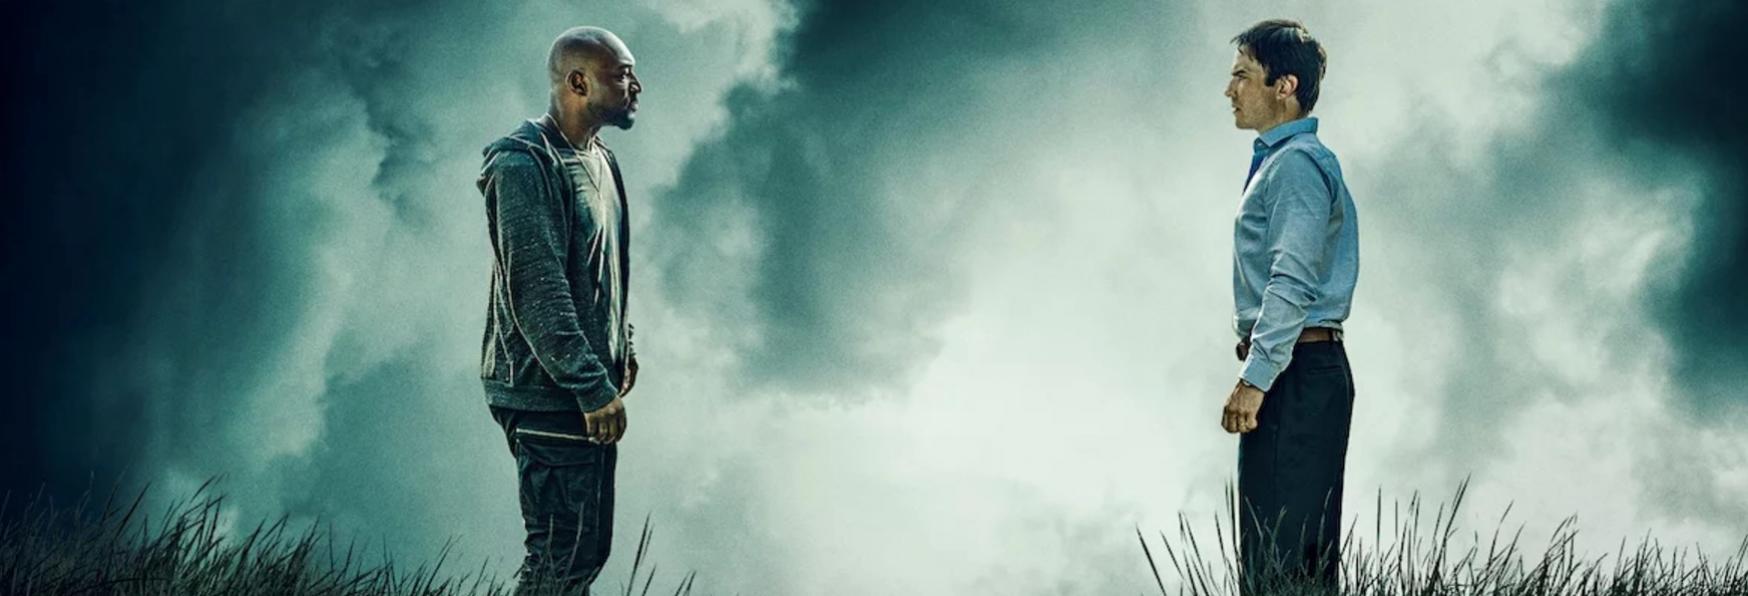 V Wars: la Recensione della nuova Serie TV con Ian Somerhalder, prodotta da Netflix